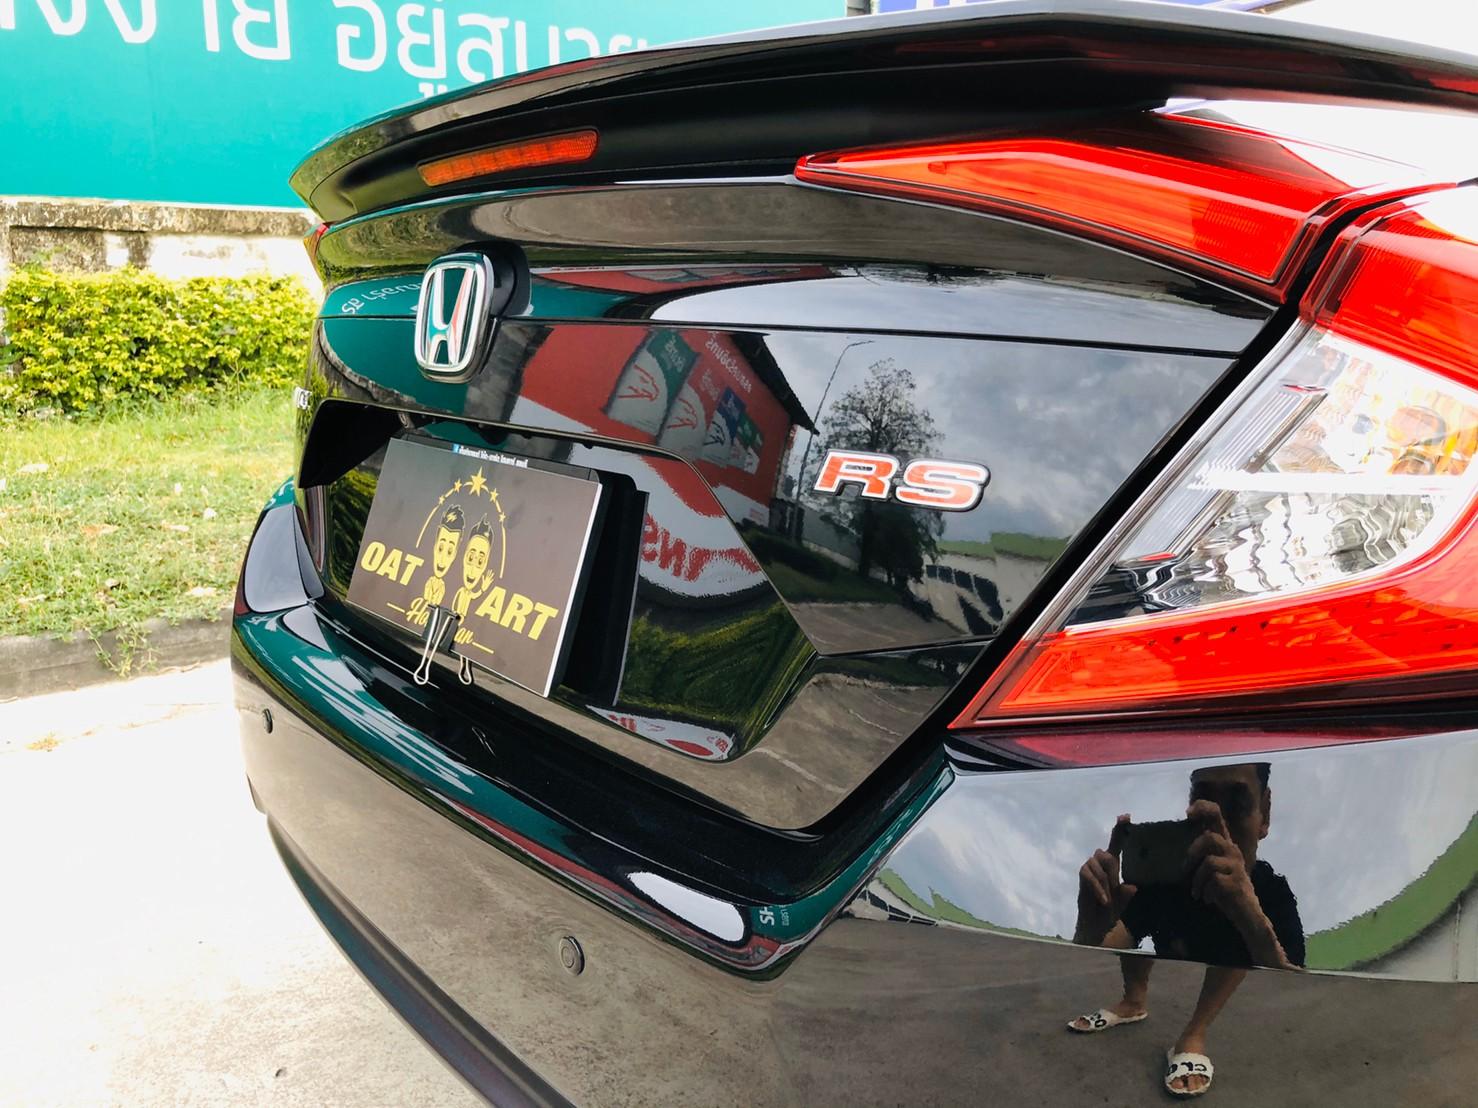 ภาพไฟท้าย ฮอนด้า ซีวิค FC 1.5 Turbo RS ปี 2016